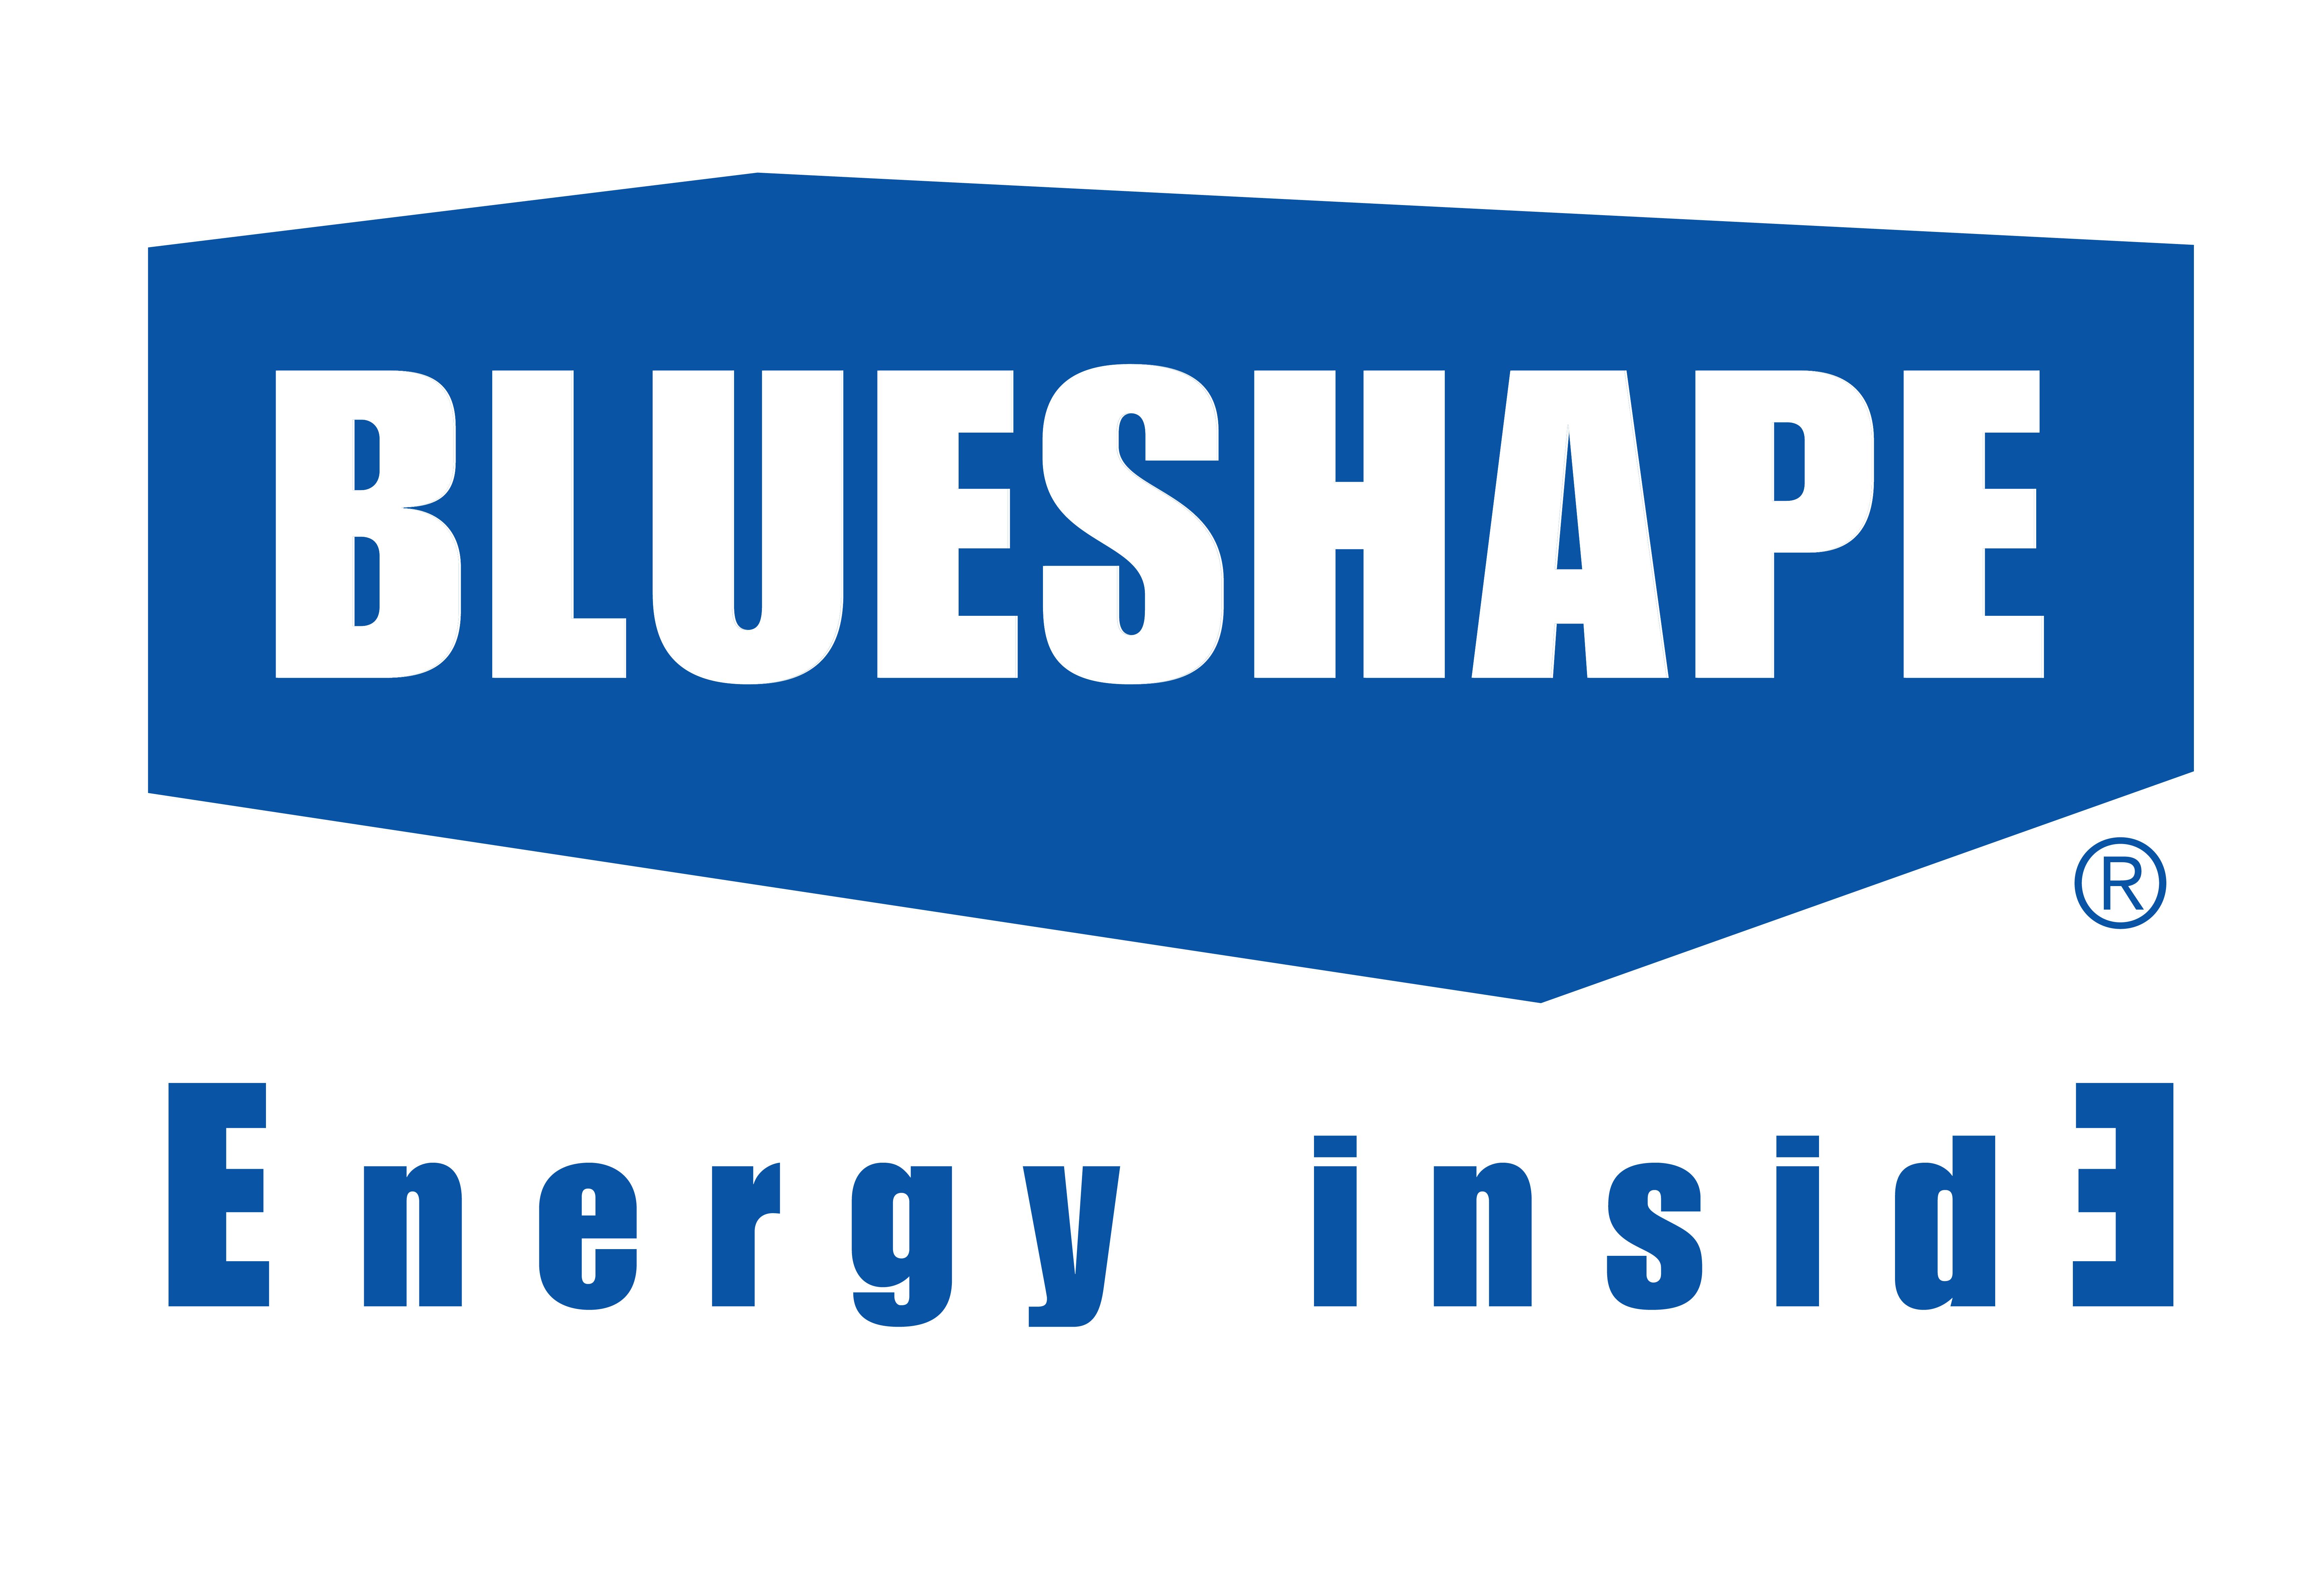 Blueshape